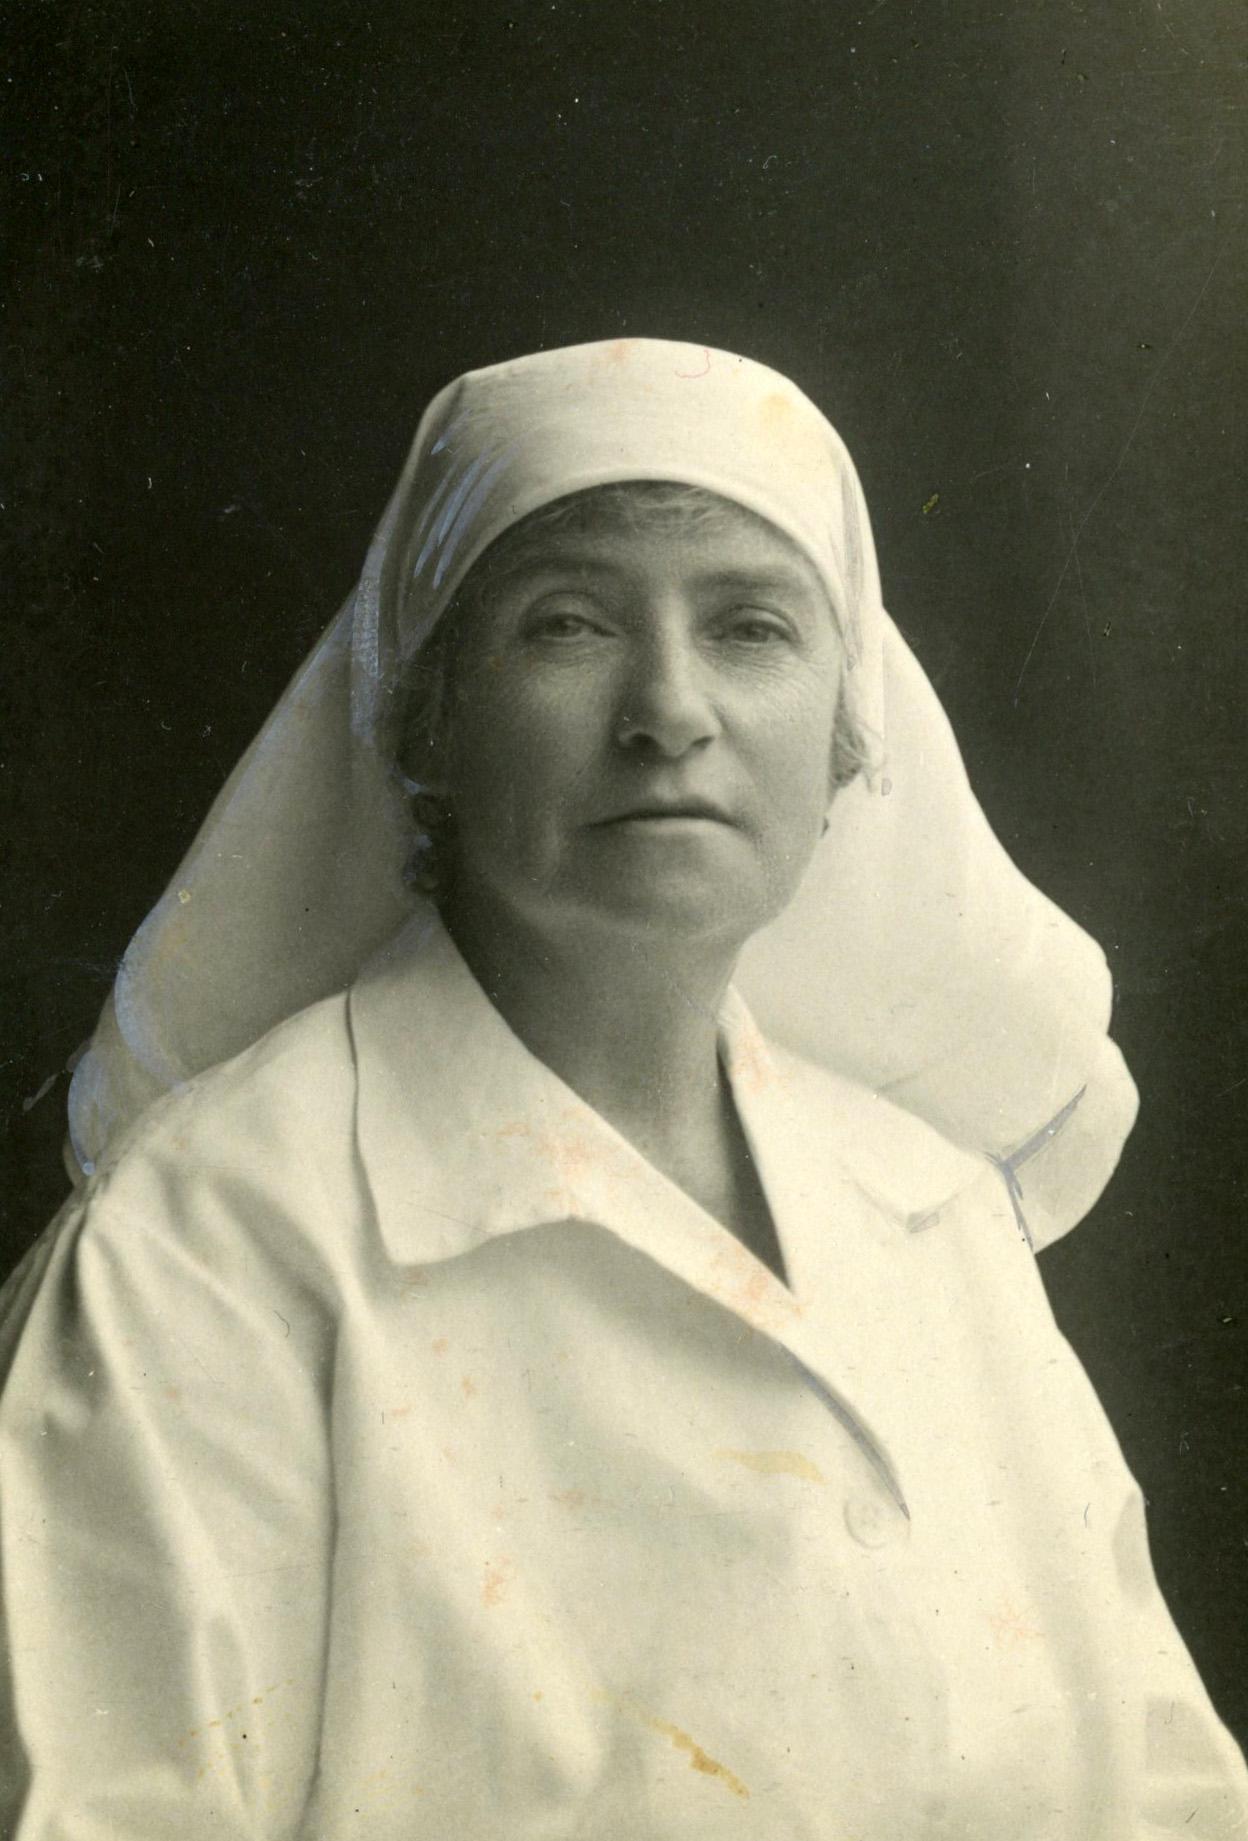 34. Nurse Stockley, c 1930